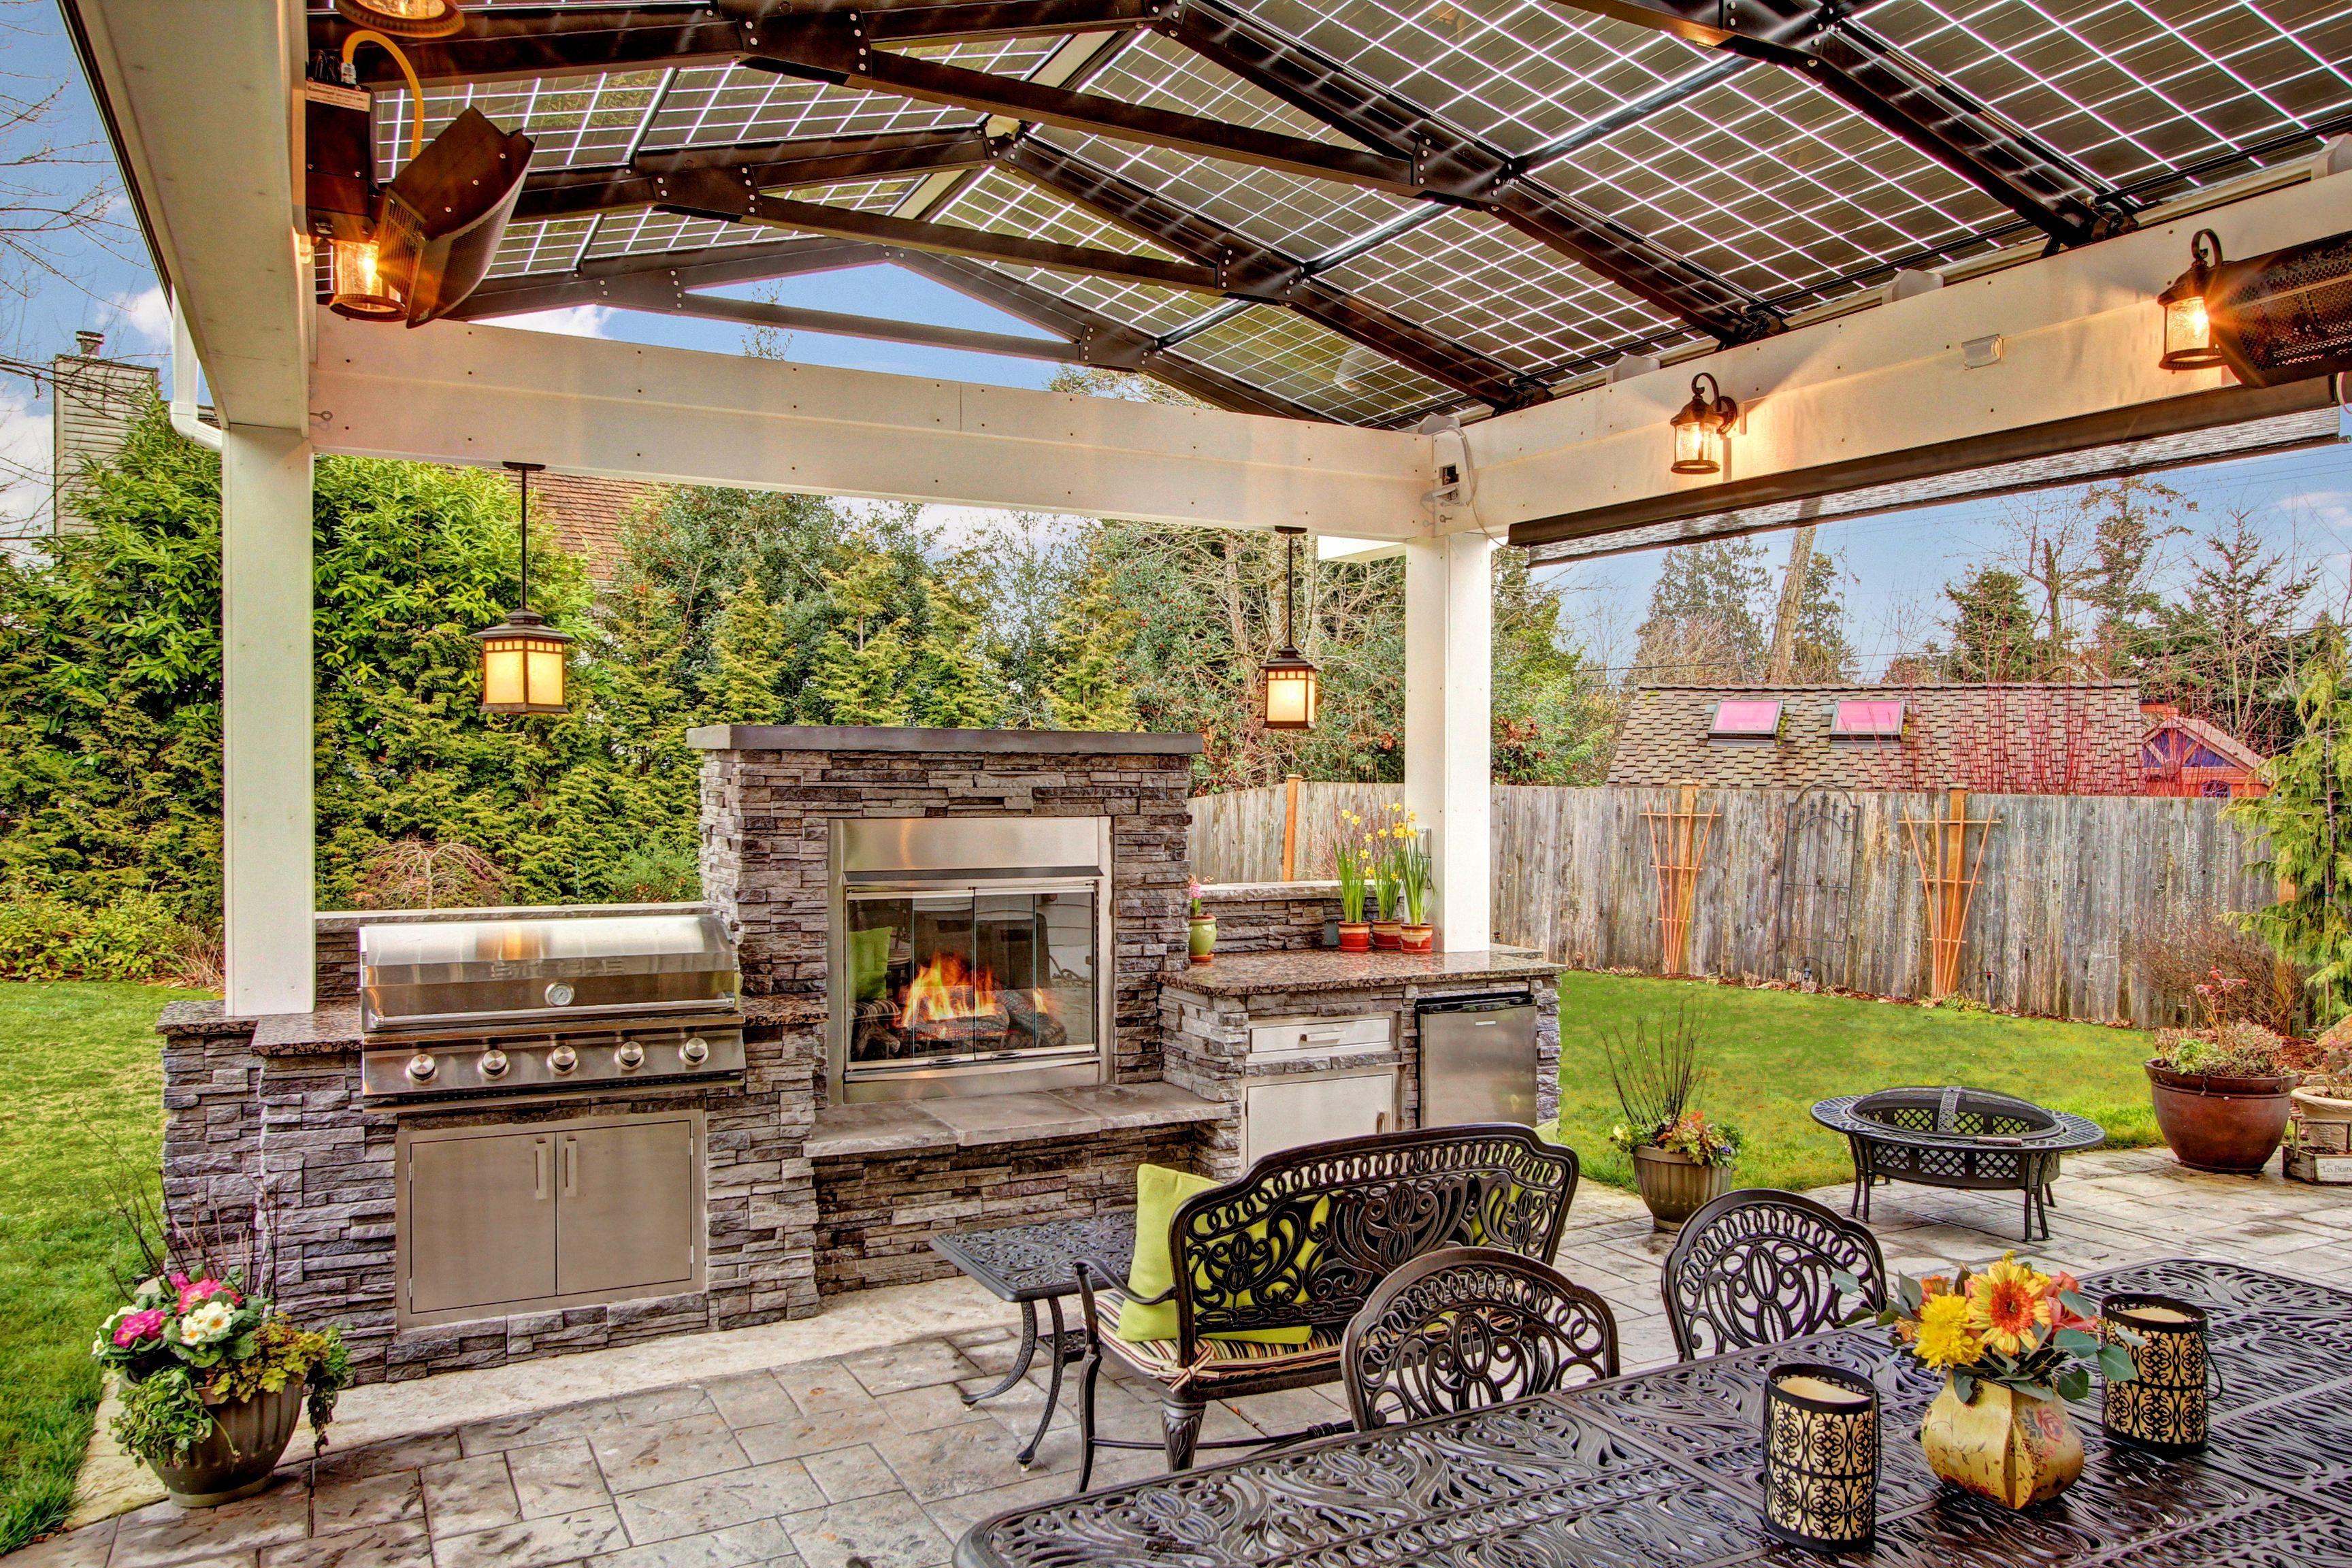 Steele Grills In An Amazing Outdoor Kitchen With A Solar Powered Arbor Outdoor Outdoor Kitchen Outdoor Kitchen Plans